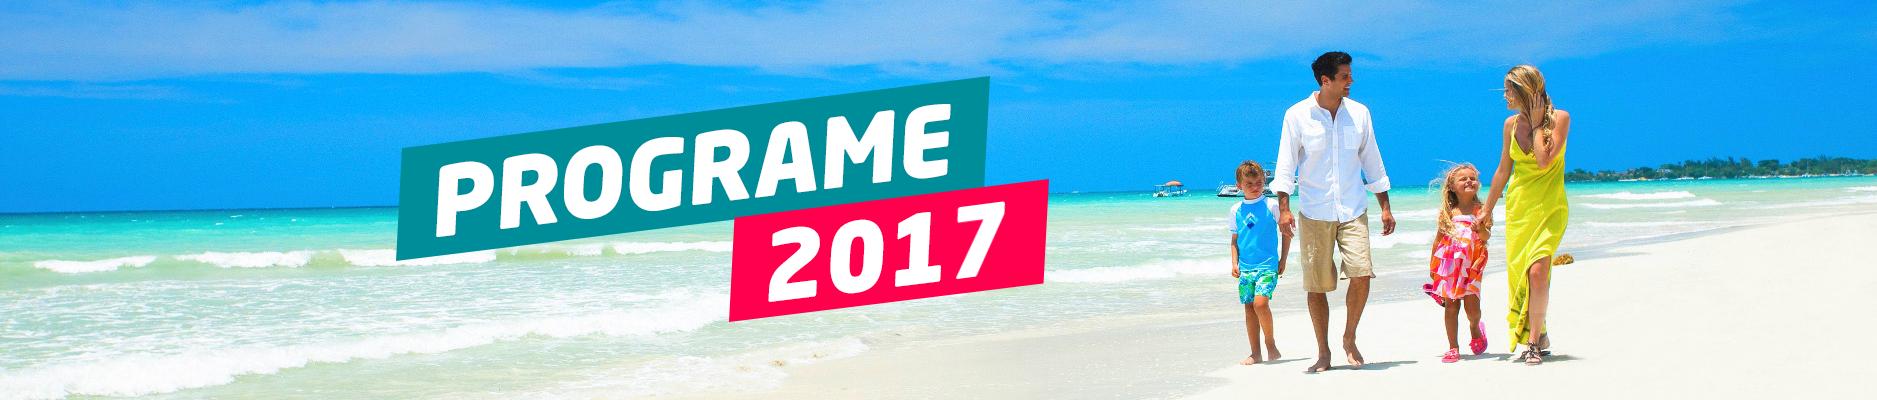 Europa Travel - Programe 2017